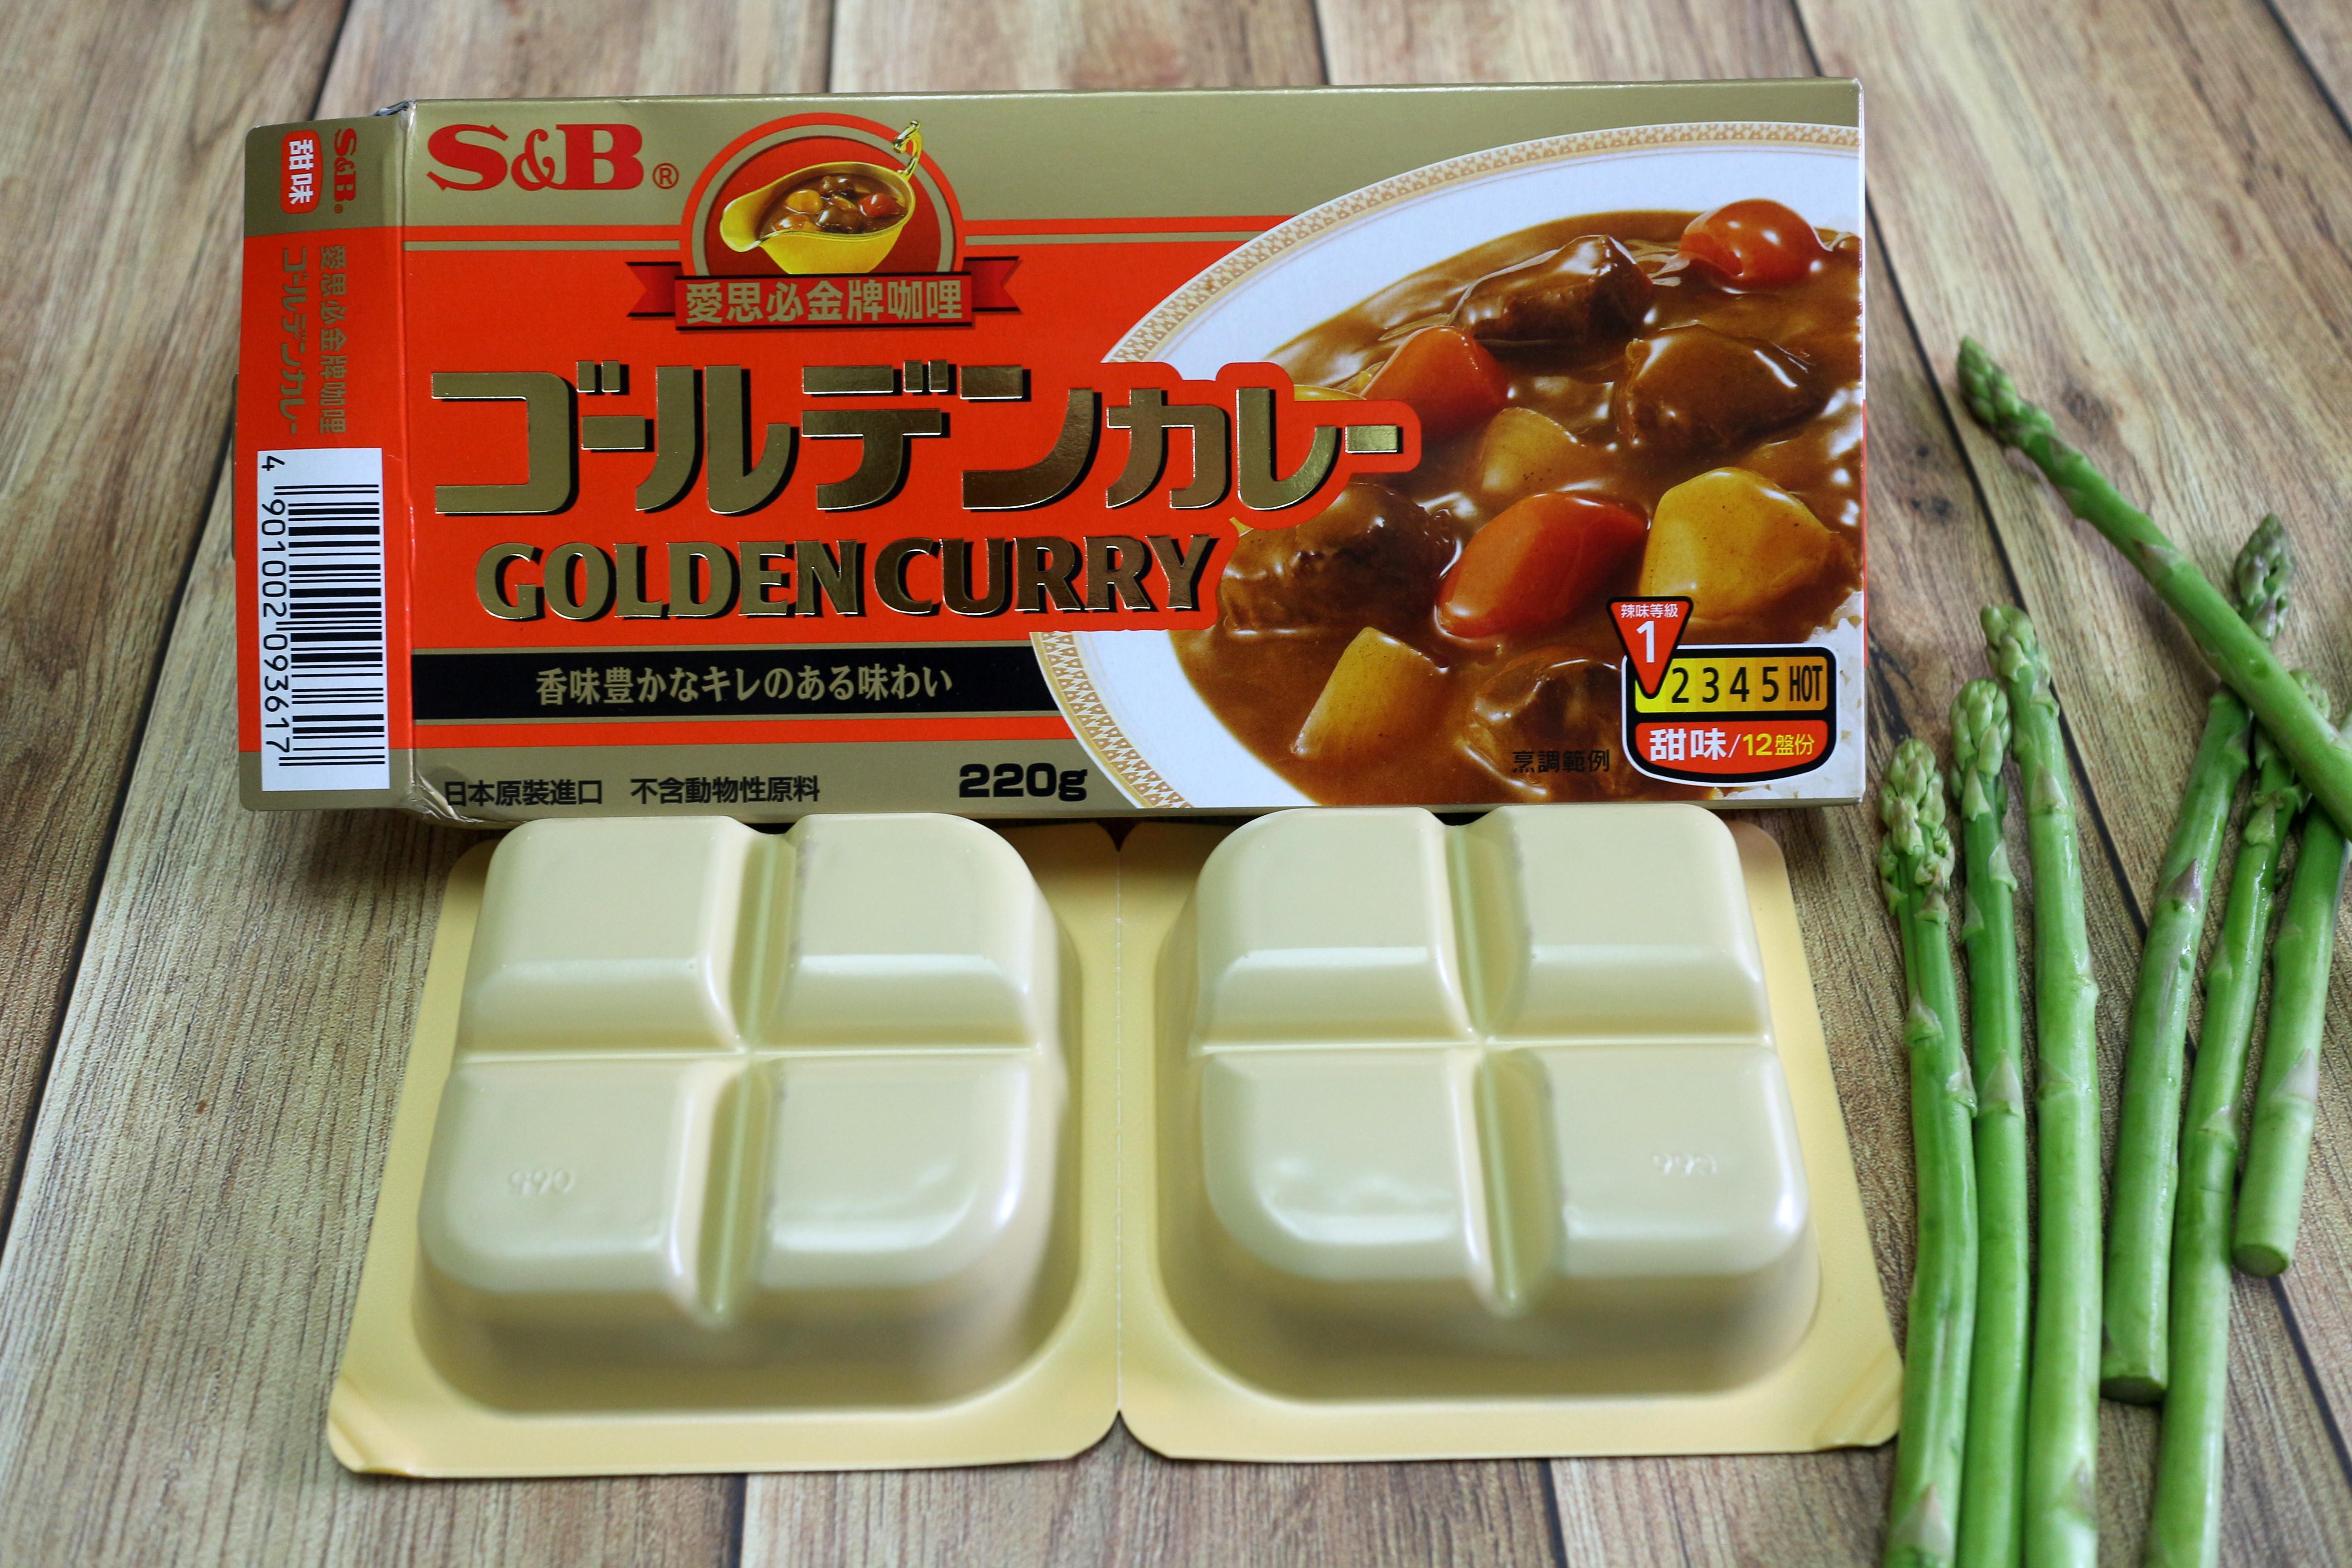 有了S&B金牌咖哩!輕鬆快速做料理!的第 4 張圖片